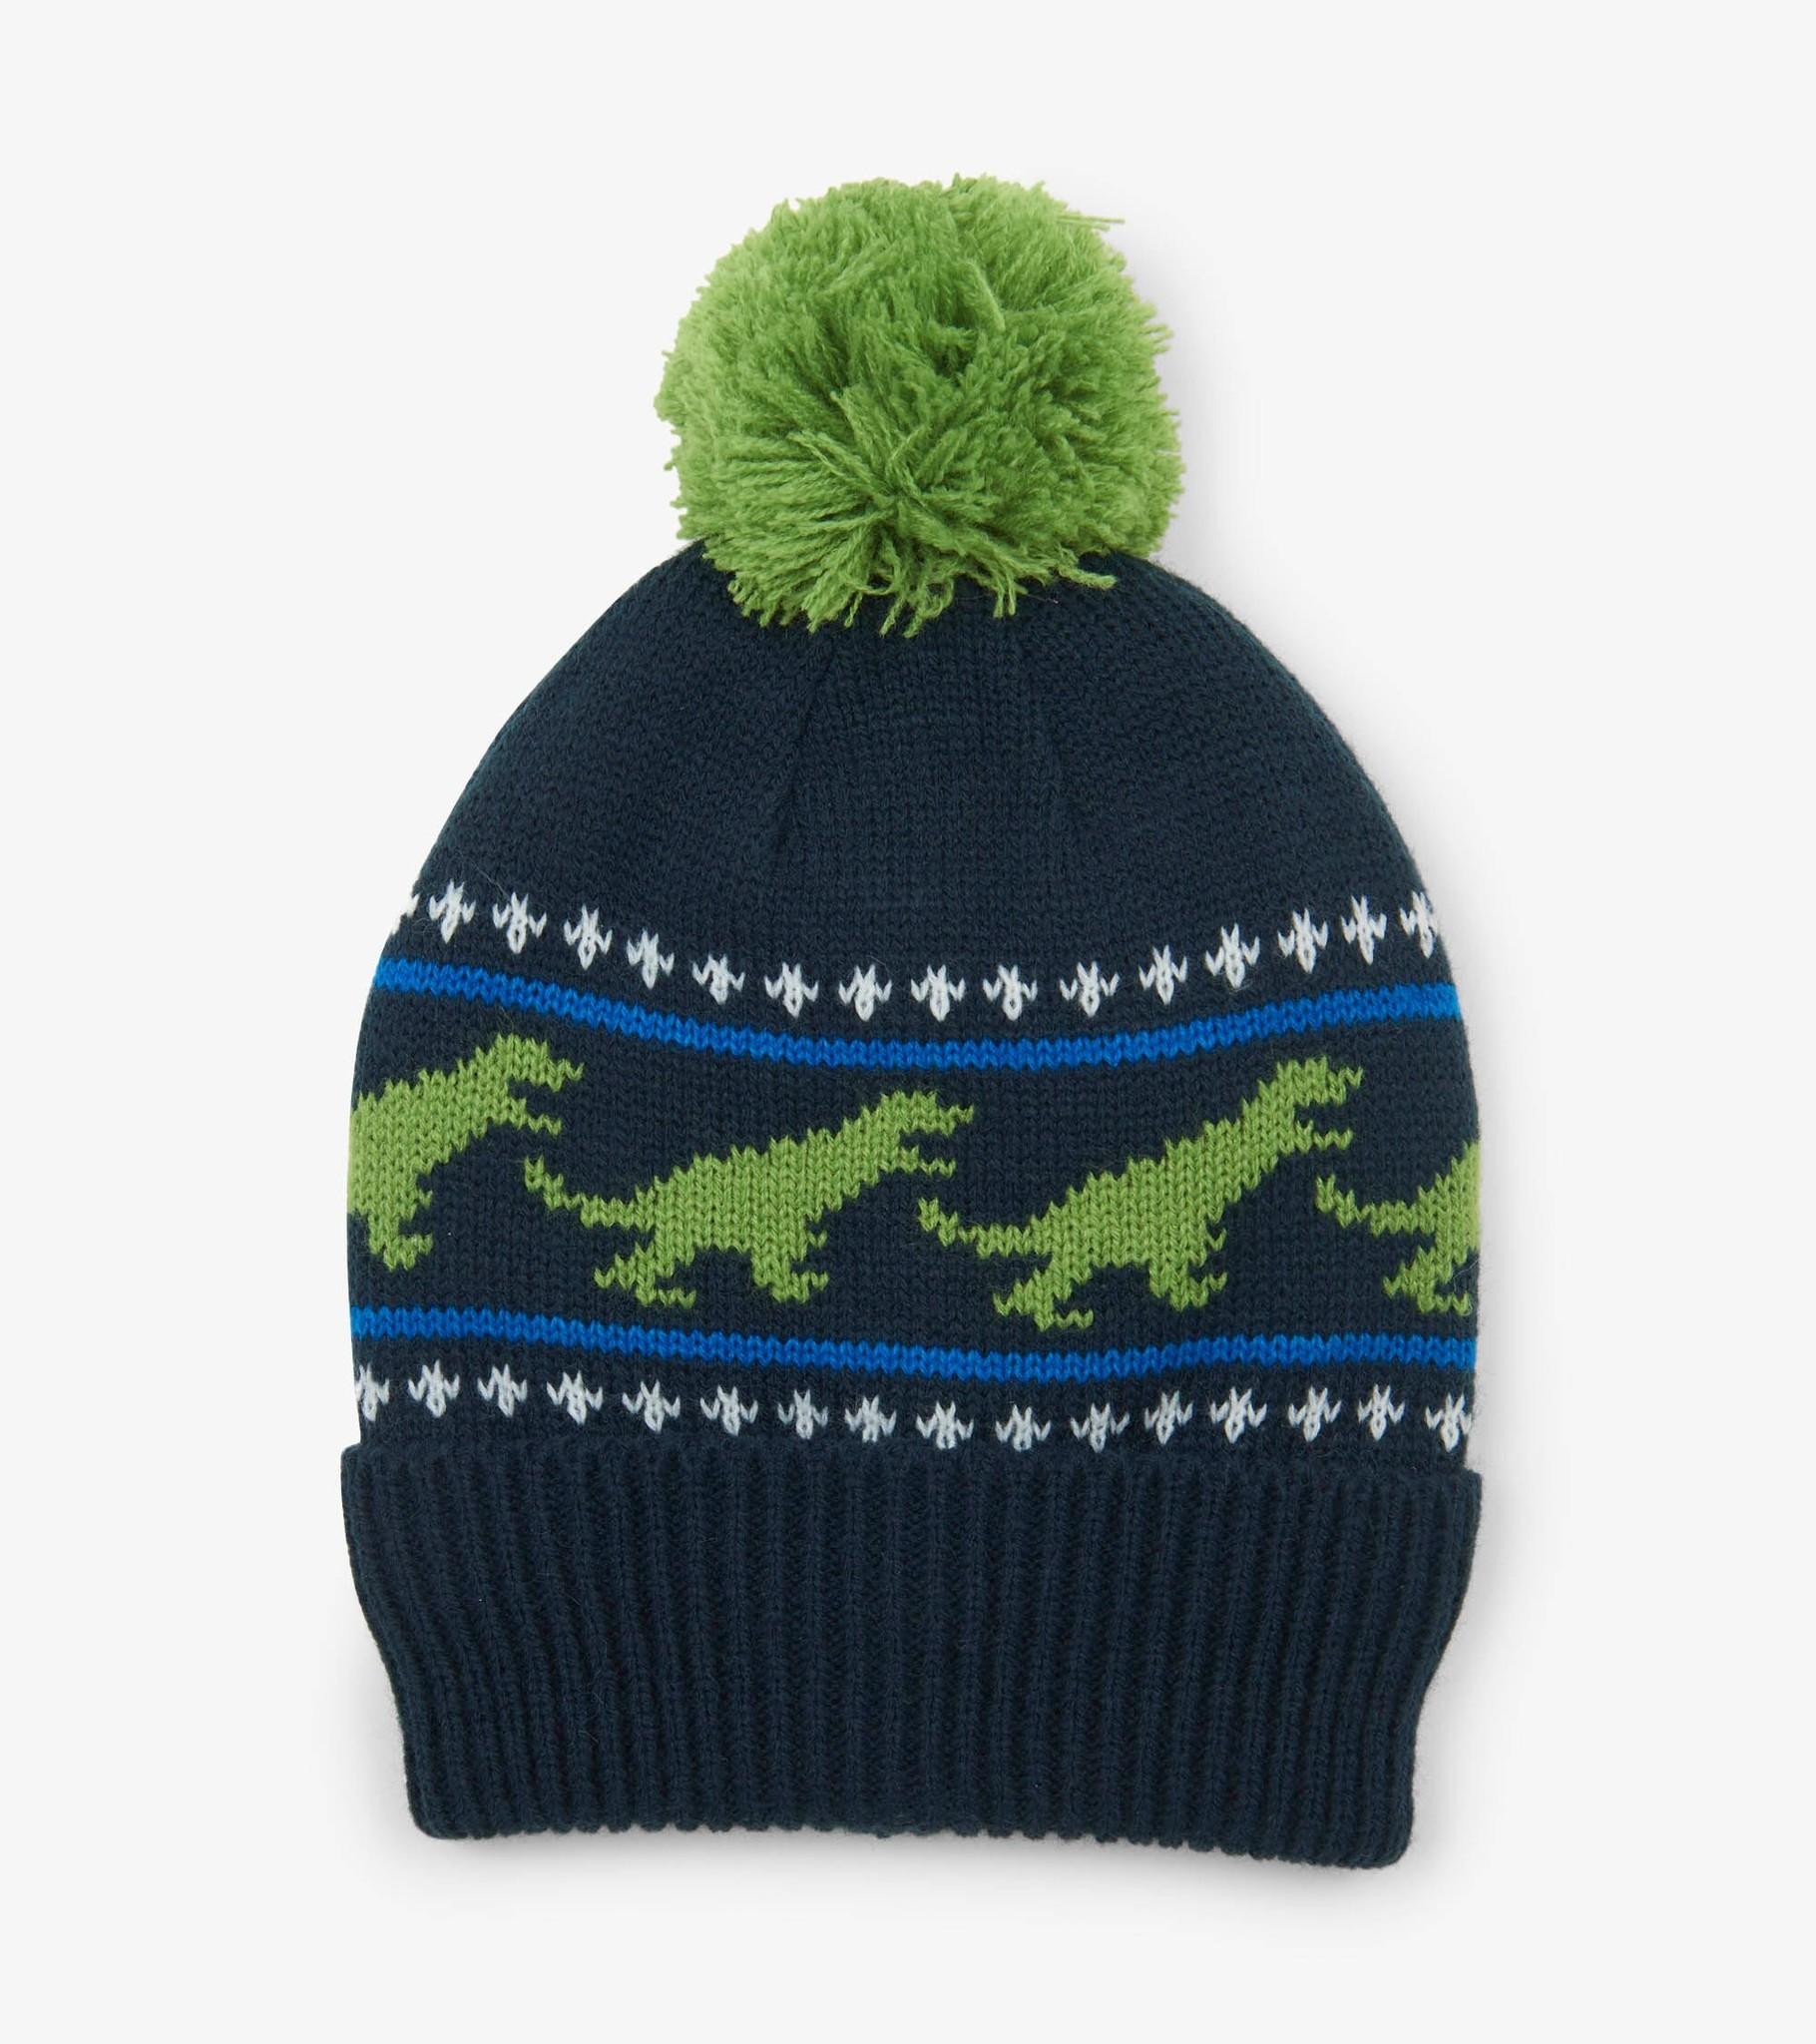 Hatley Hatley T-Rex Winter Hat